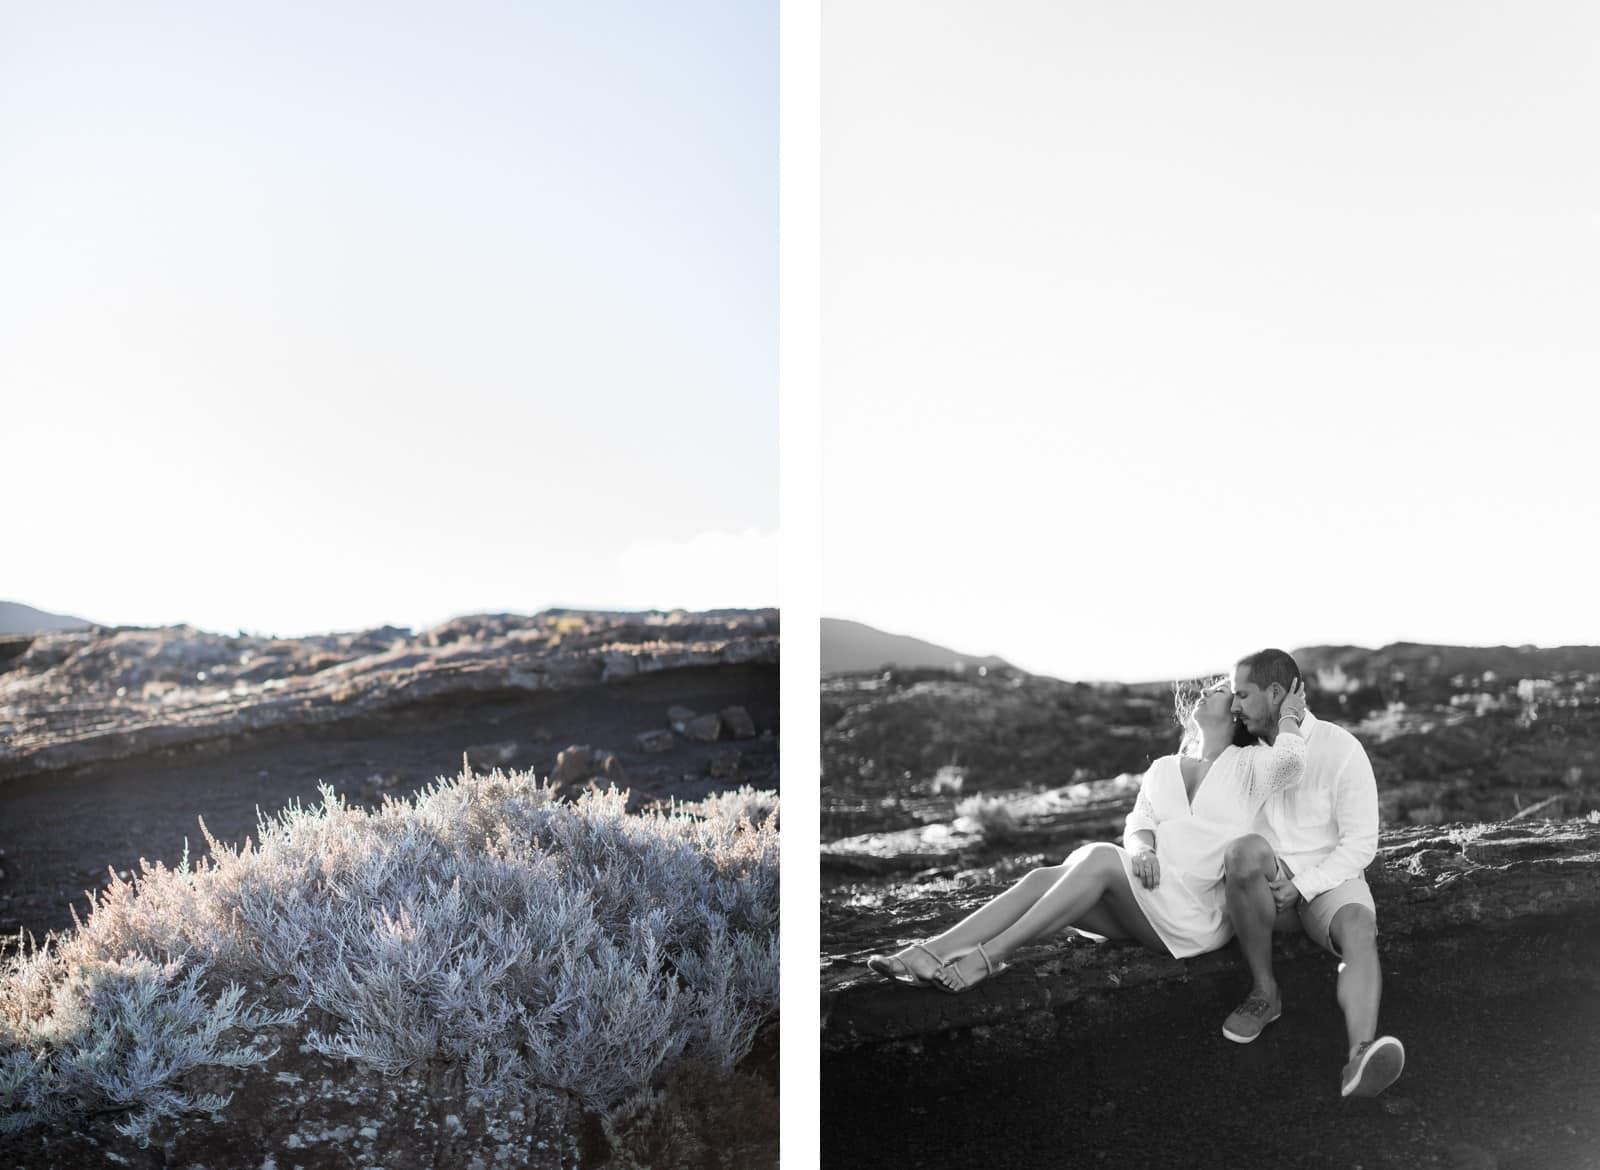 Photographie de Mathieu Dété, photographe de fiançailles et couple à Saint-Pierre de la Réunion 974, présentant une une femme collée à son compagnon à la Plaine des Sables